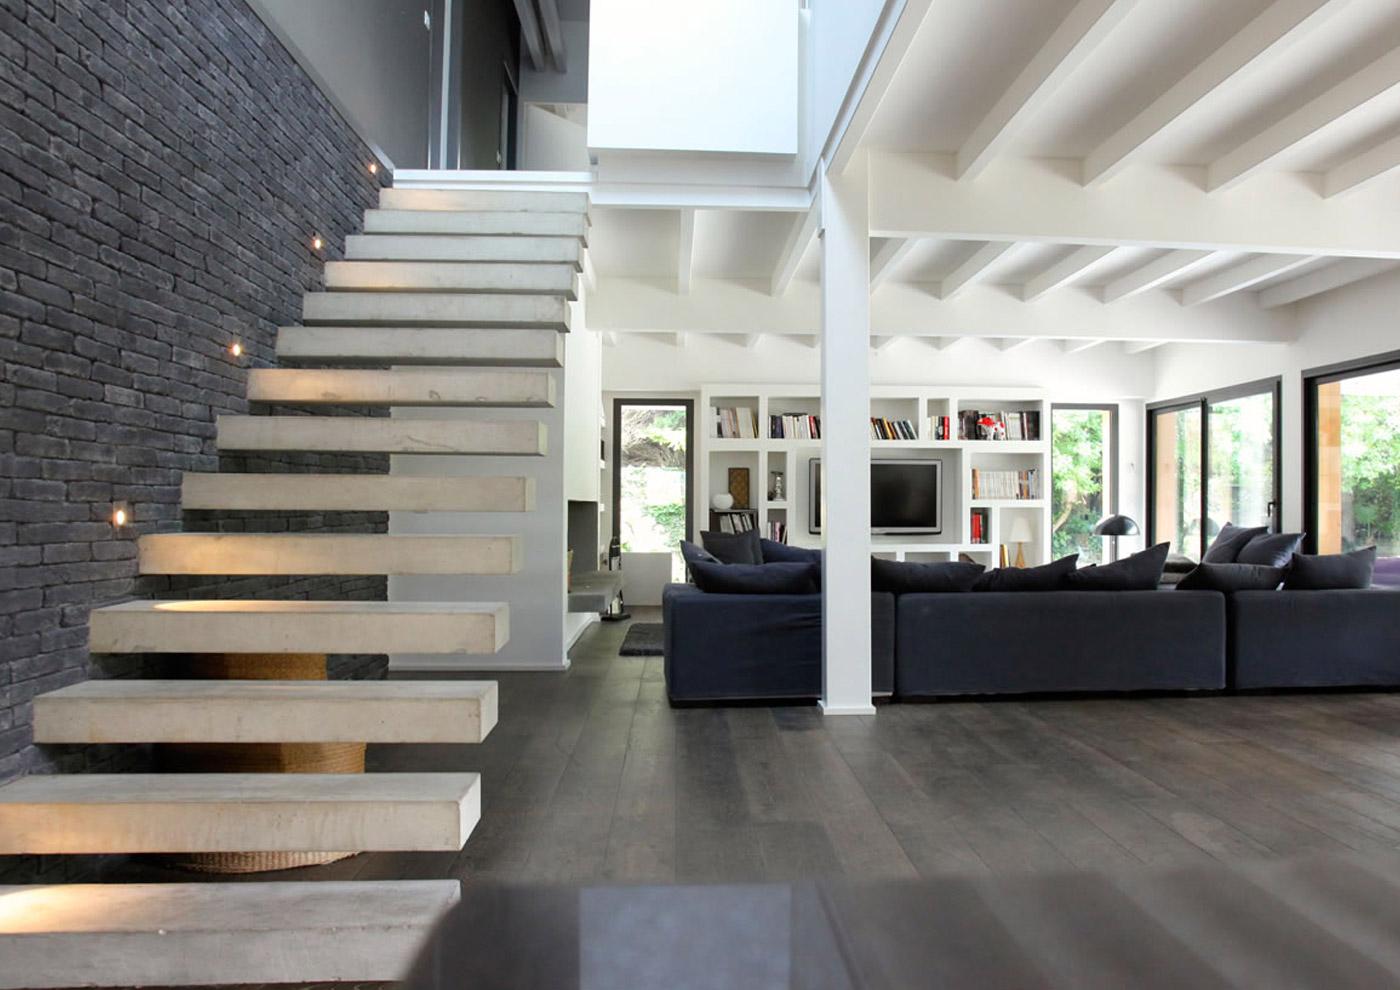 Alaman Architectes Maison Individuelle Anglet - Construction Pays Basque, architecture contemporaine